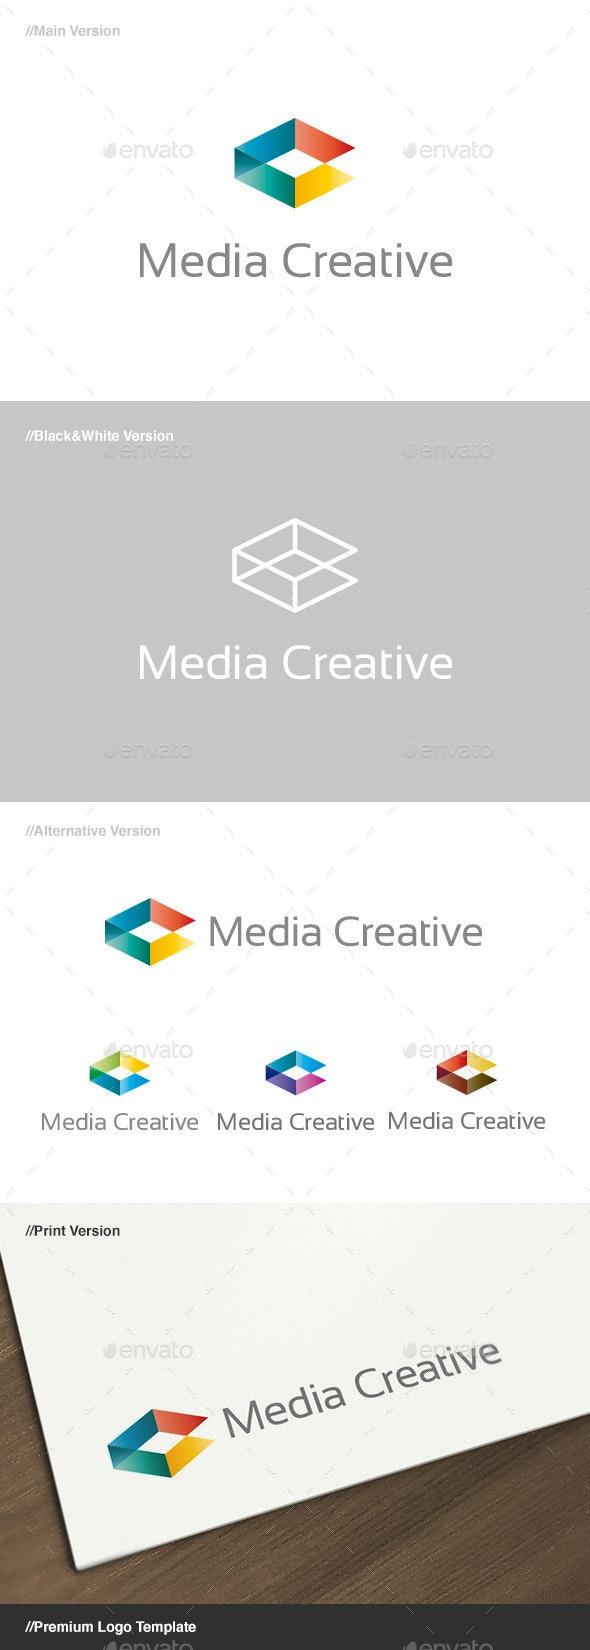 Media Creative Logo - Abstract Logo Templates